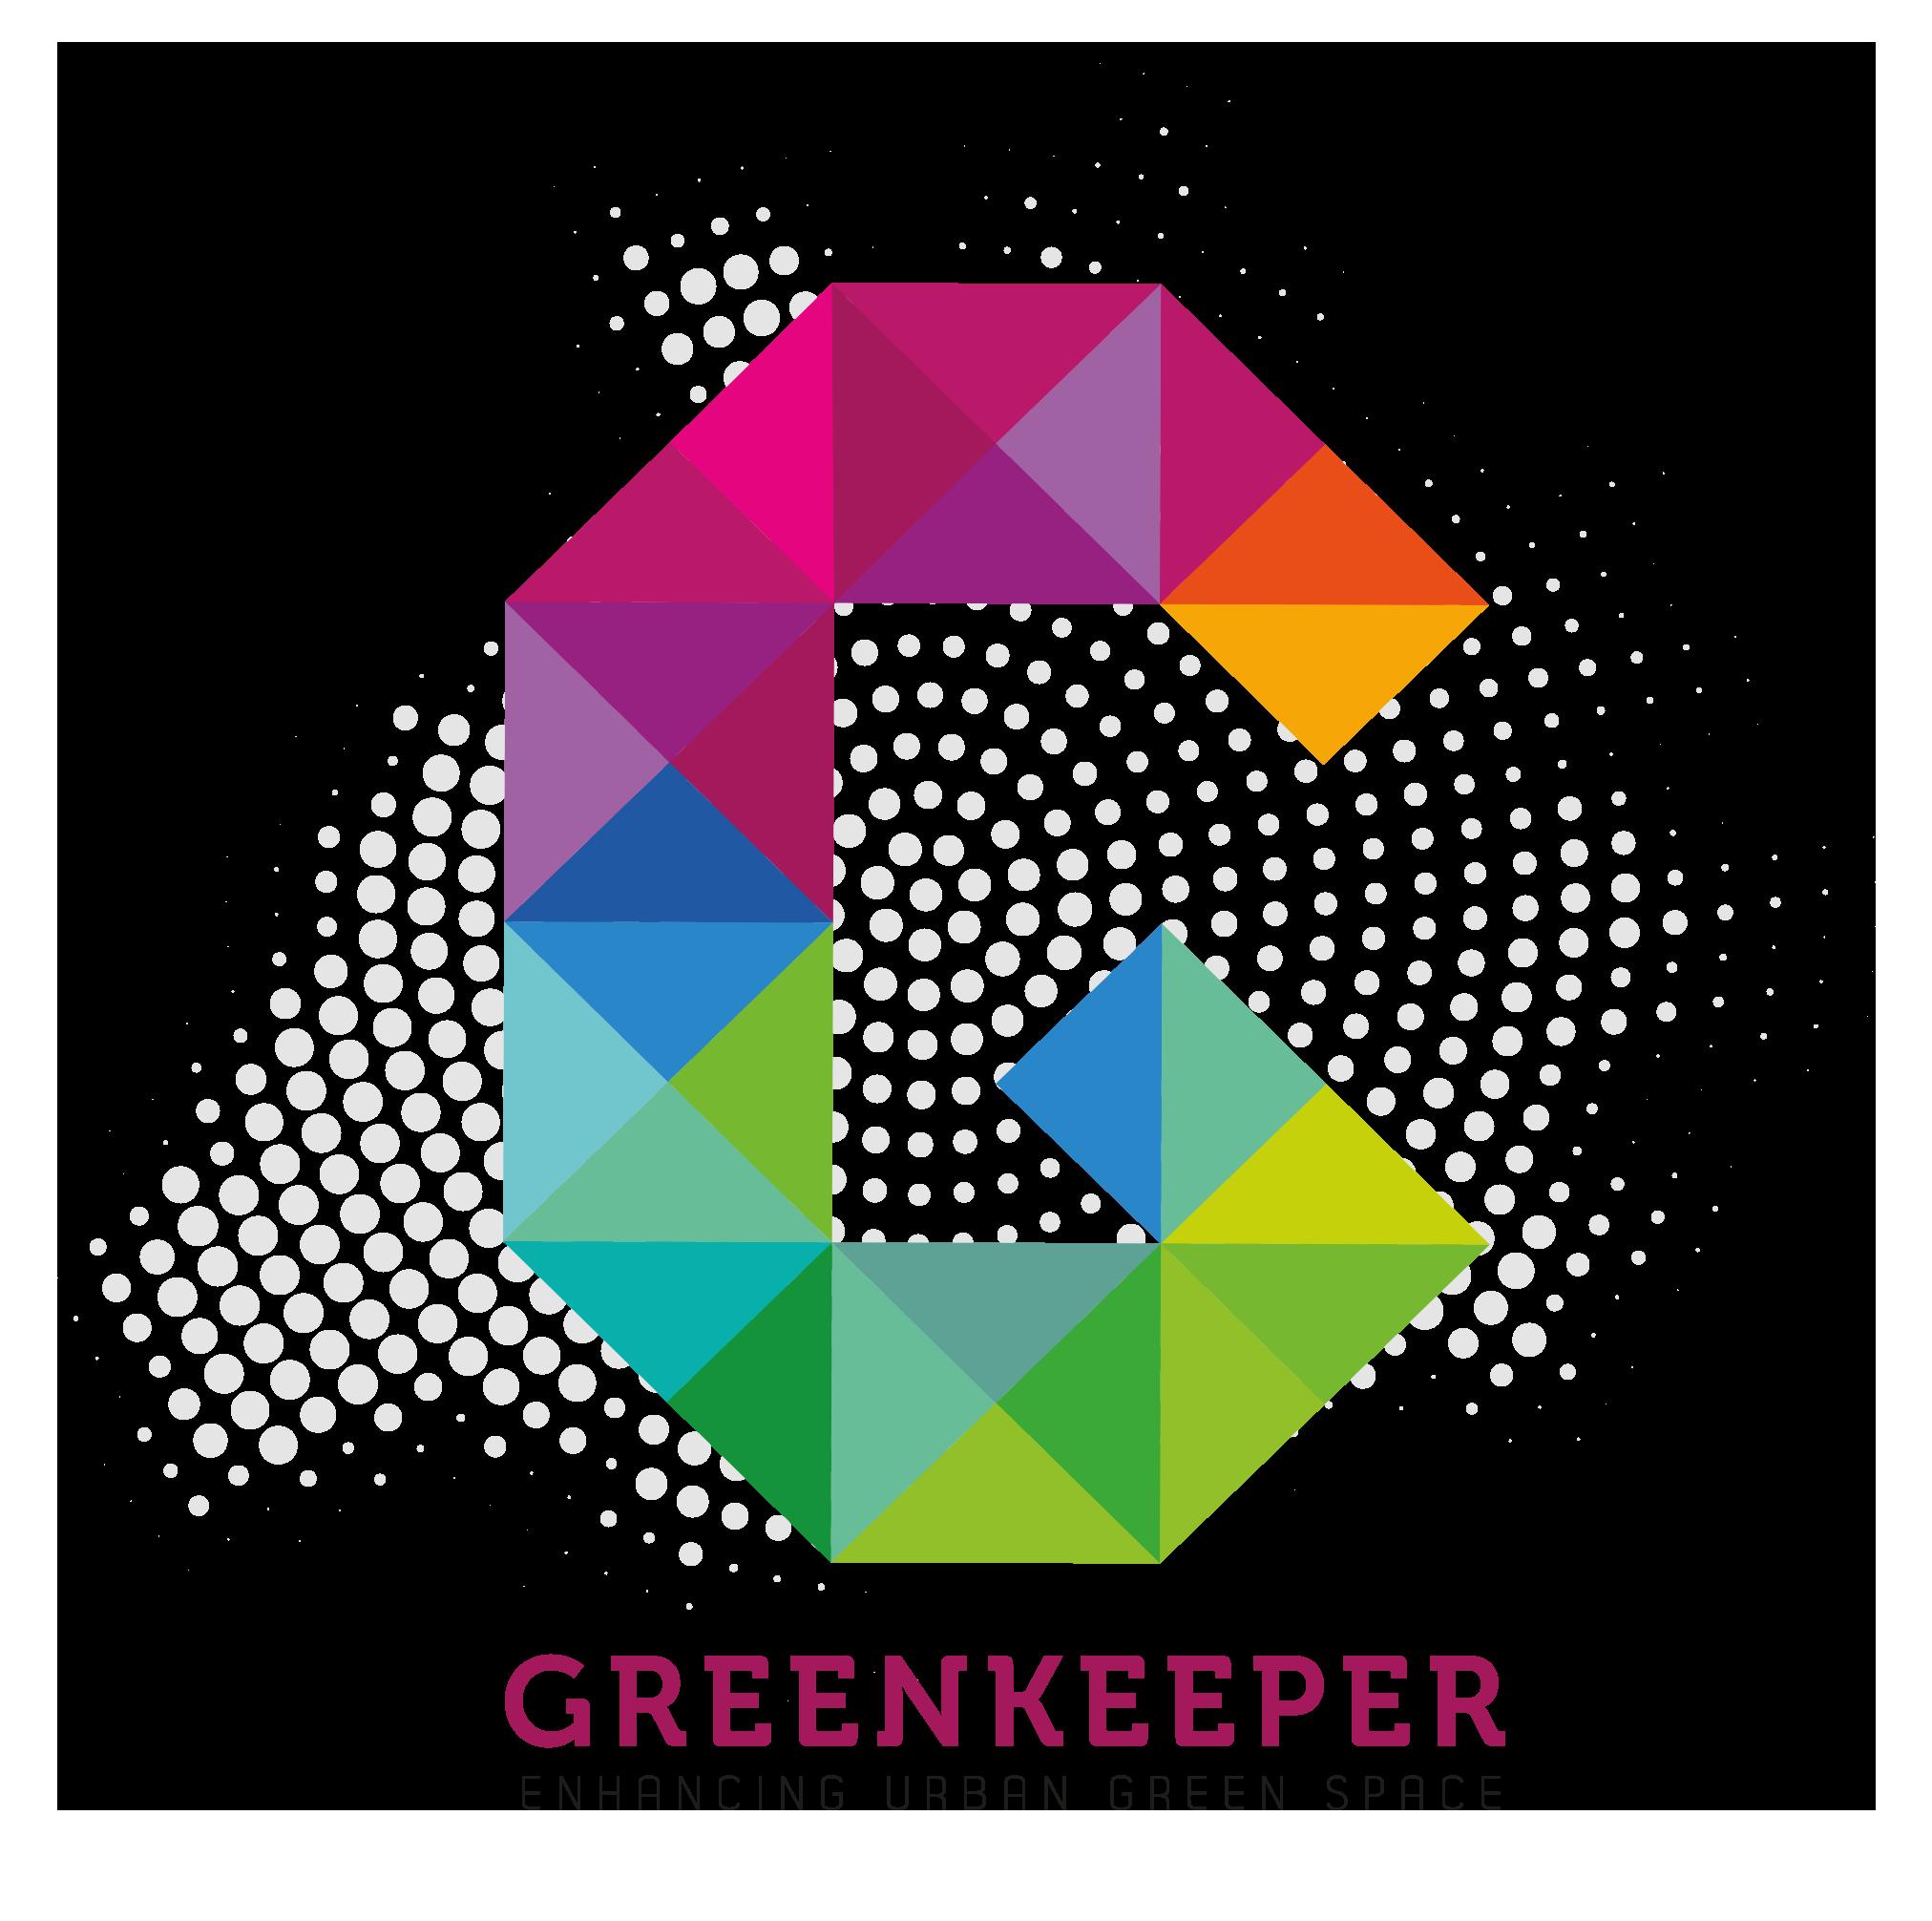 Greenkeeper_Full_Logo